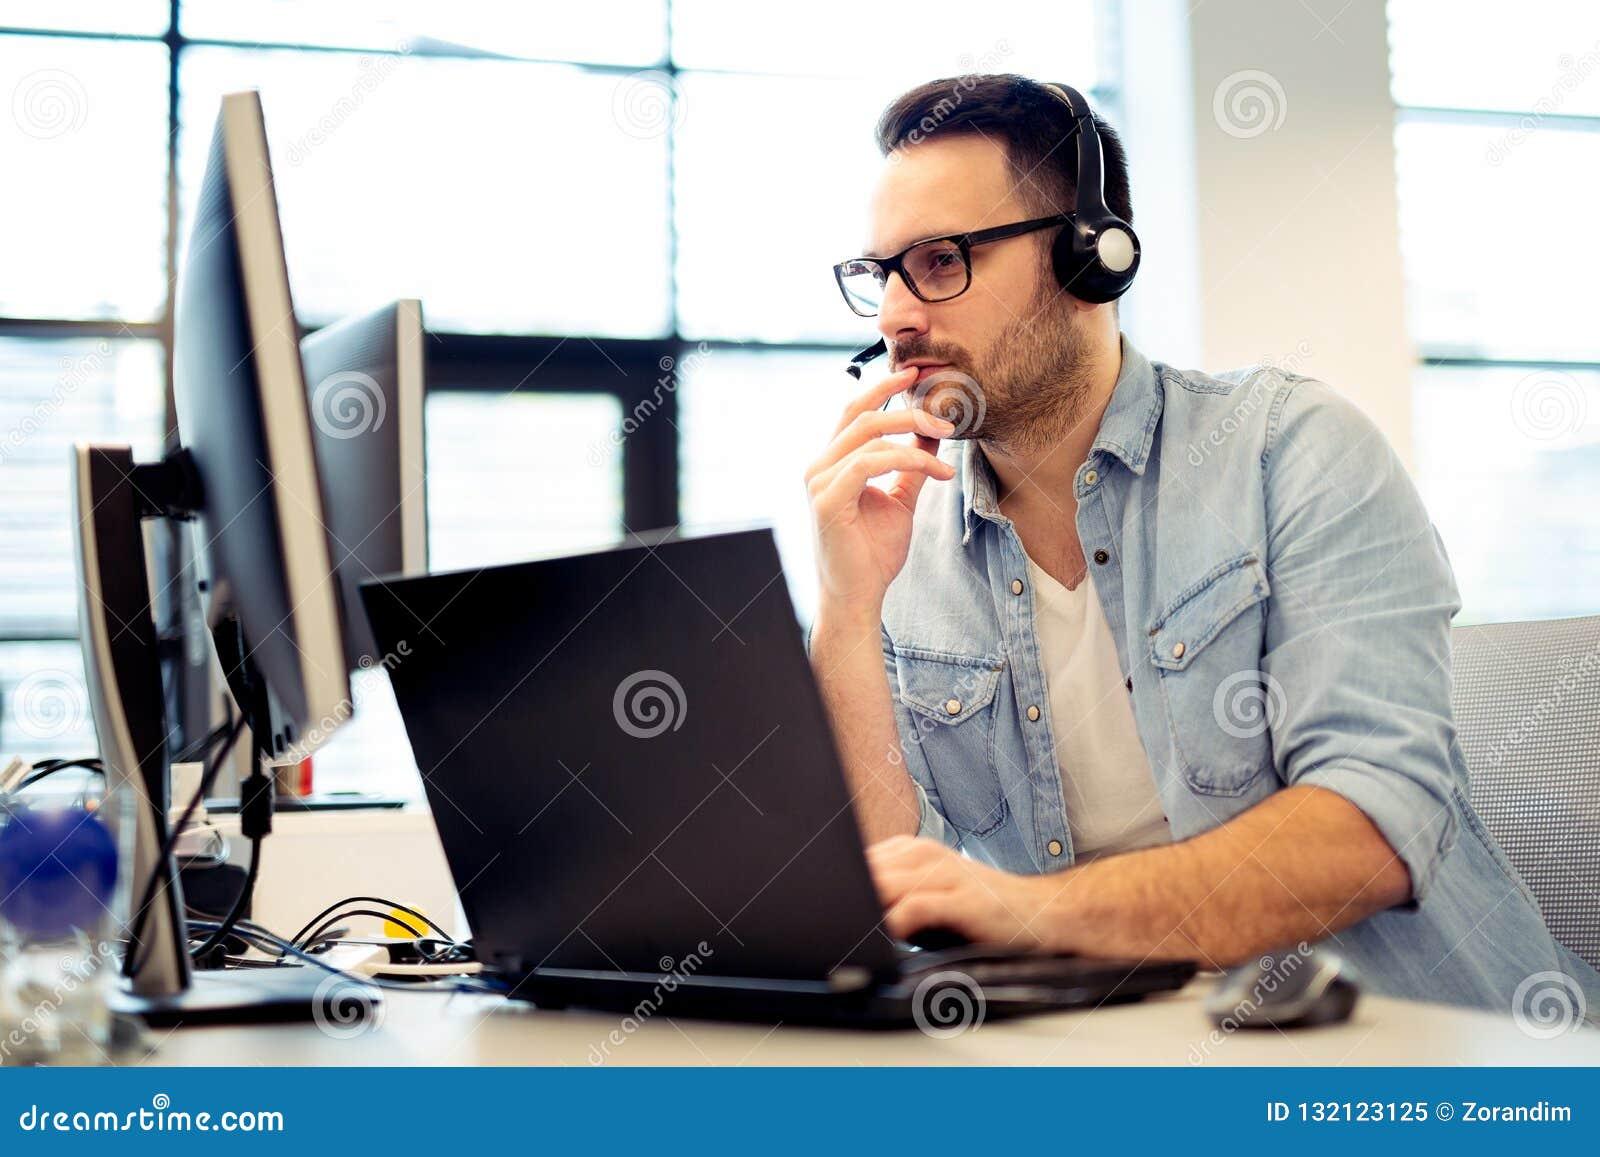 Νέος αρσενικός χειριστής τηλεφωνικών κέντρων που εργάζεται στον υπολογιστή του ενώ γεια